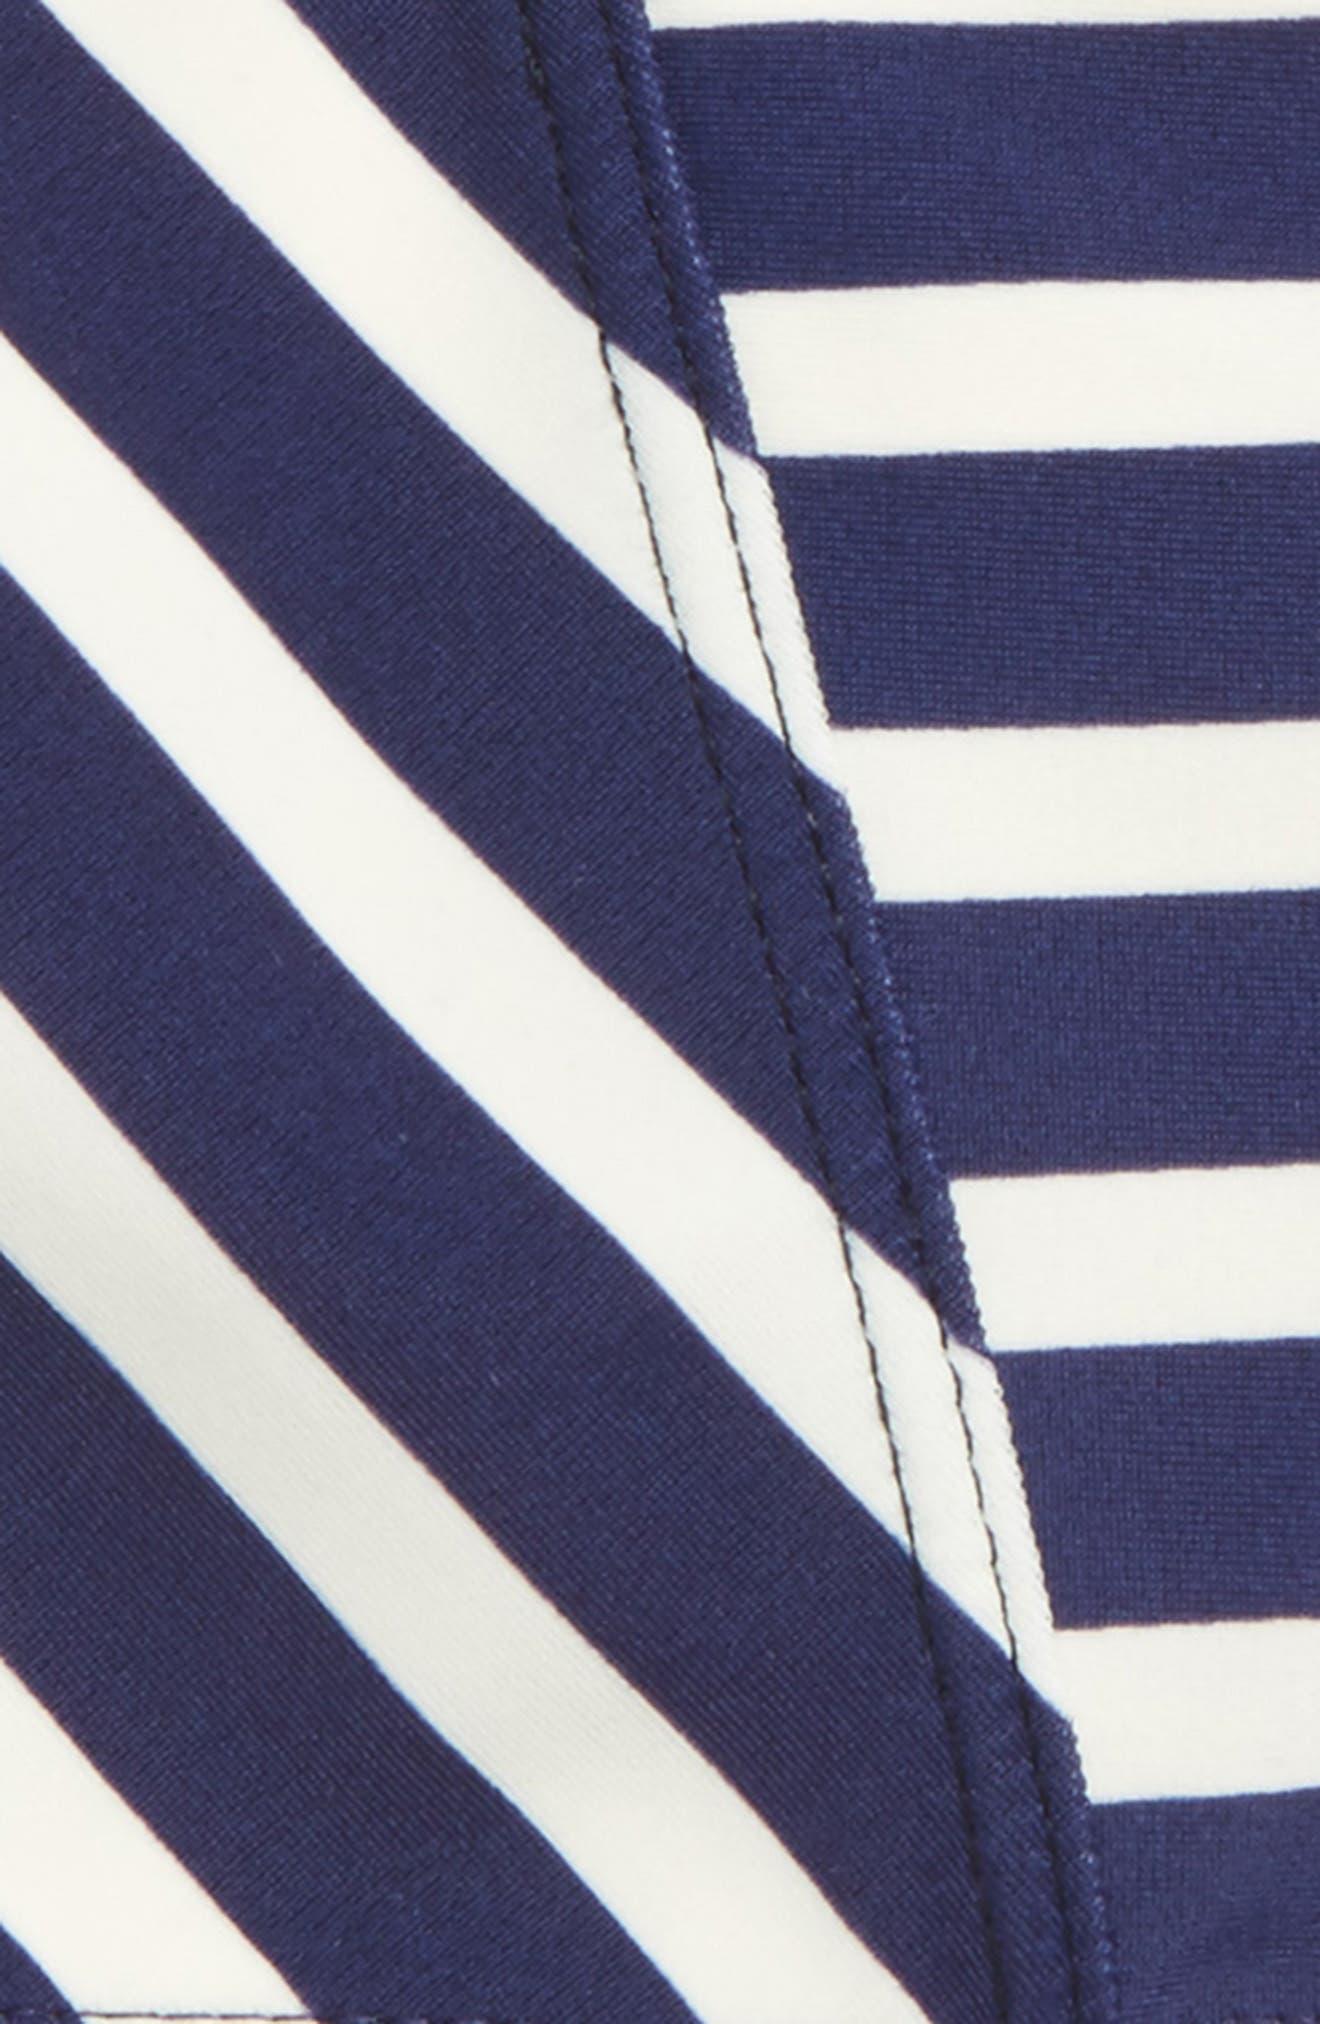 Stripe Bikini Top,                             Alternate thumbnail 2, color,                             403